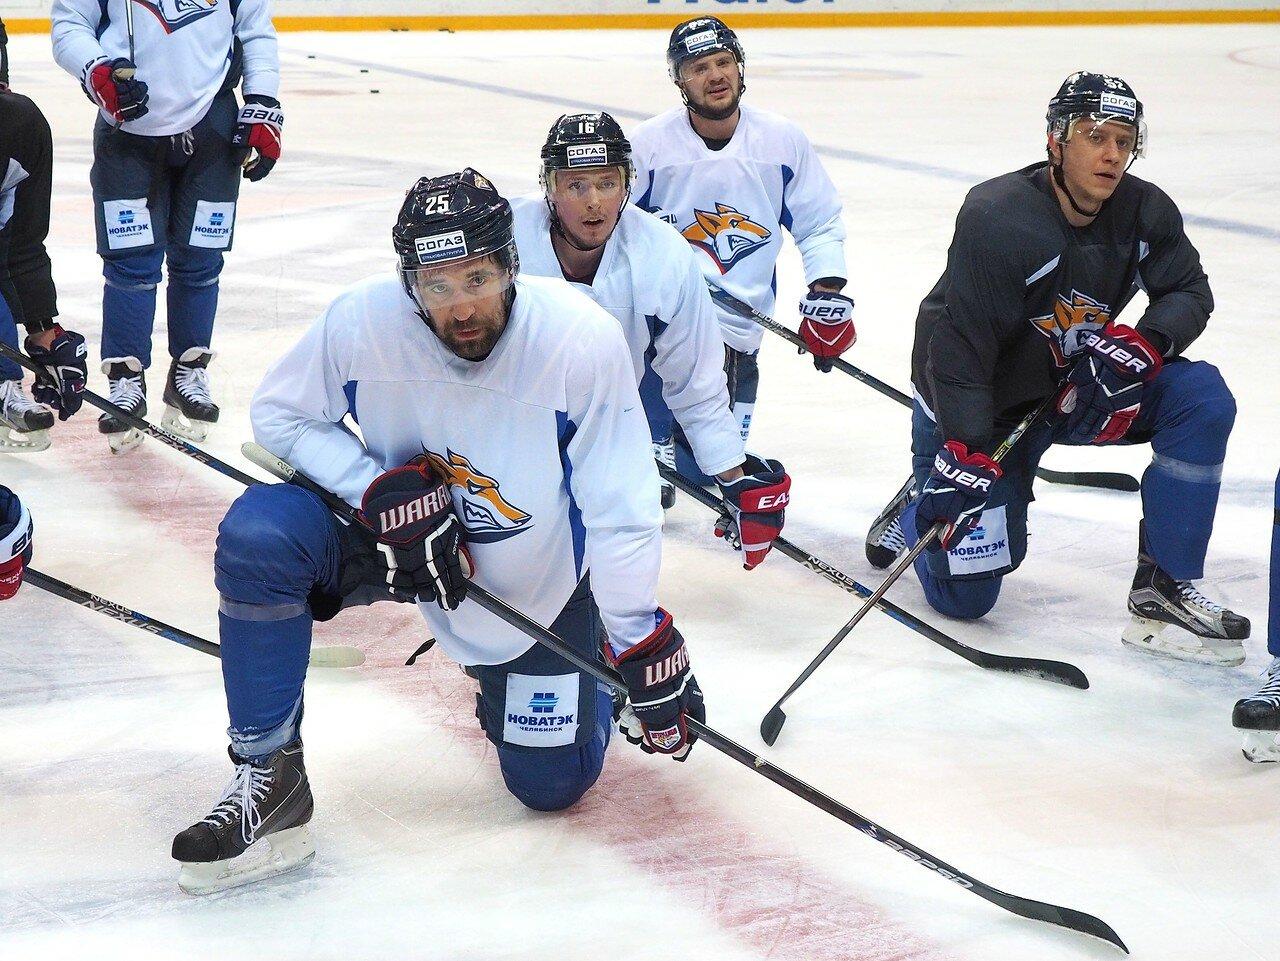 38 Открытая тренировка перед финалом плей-офф восточной конференции КХЛ 2017 22.03.2017